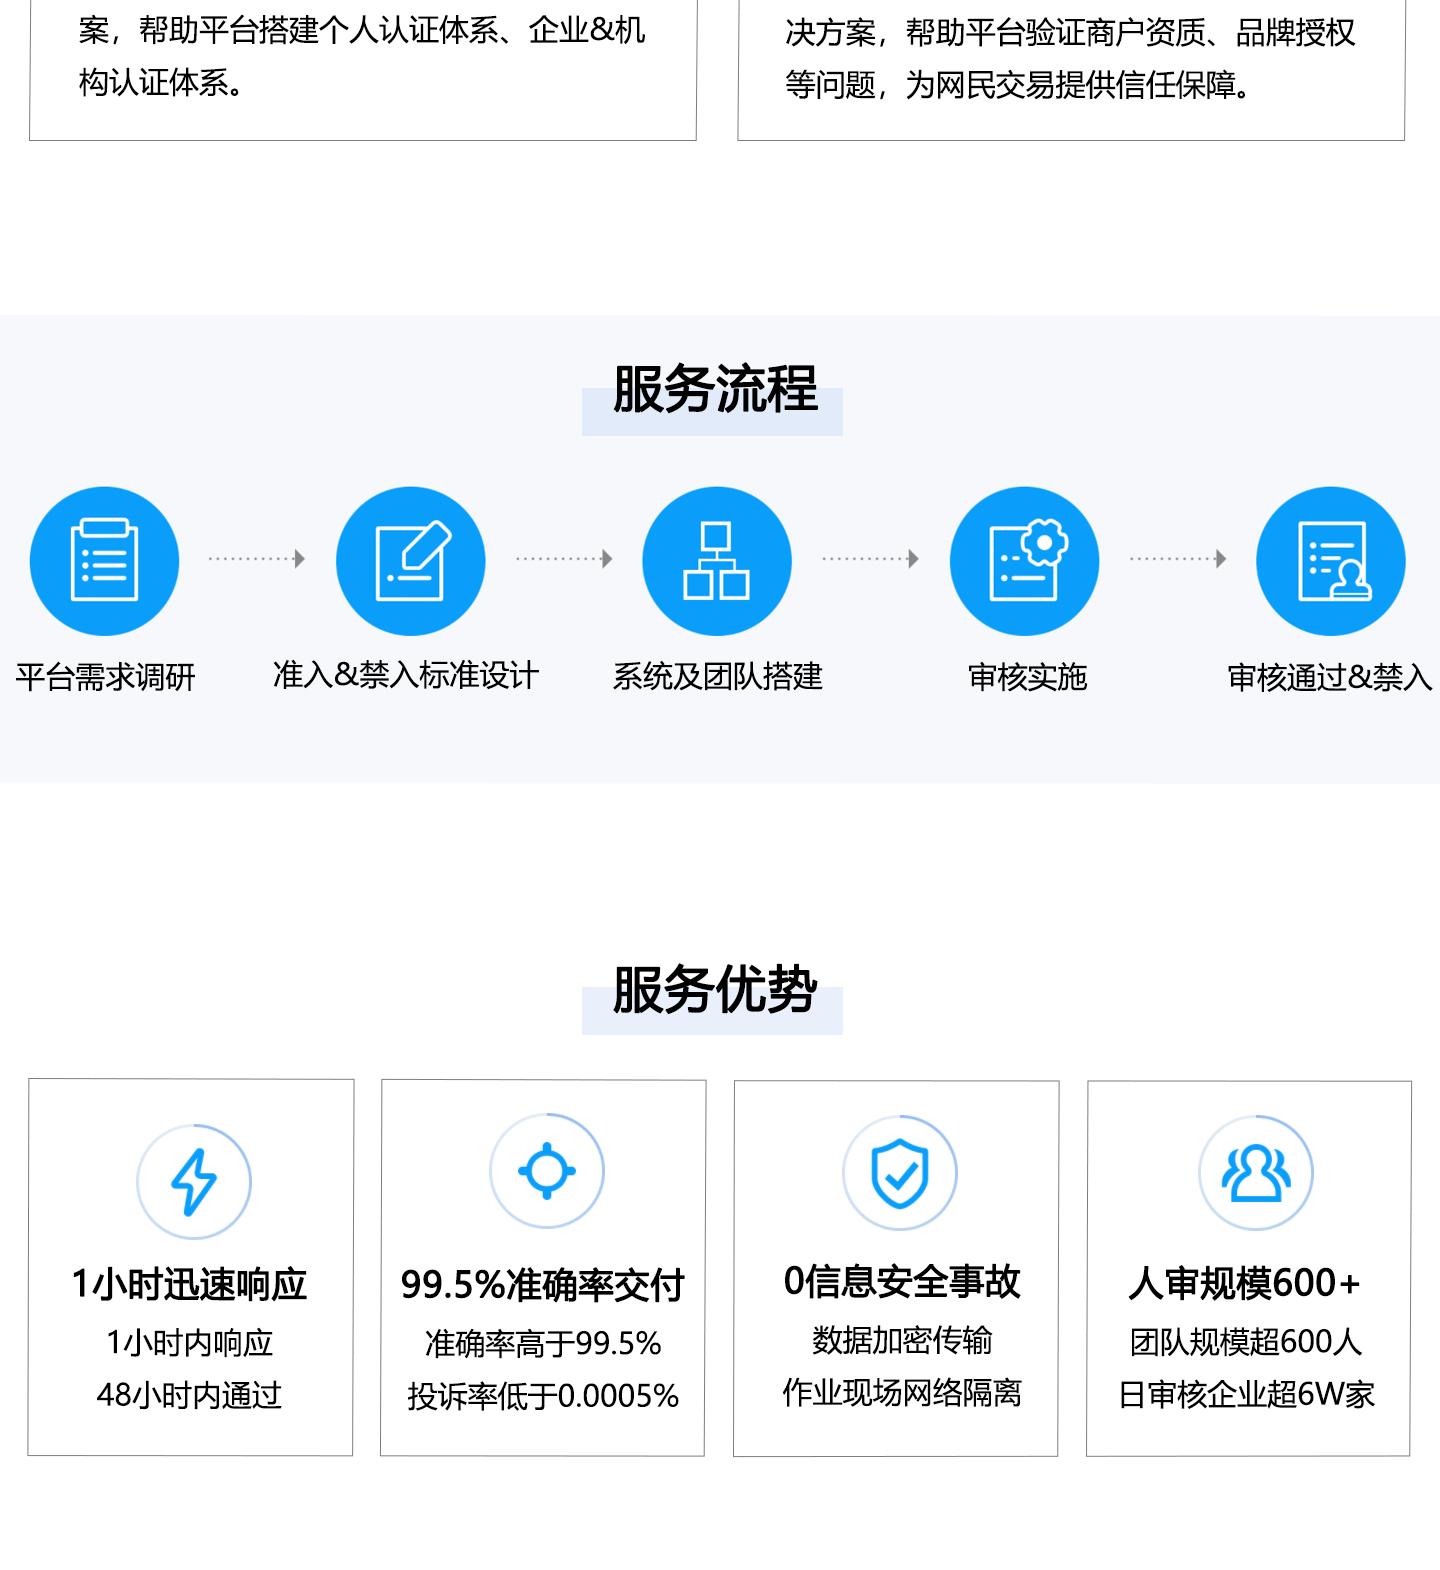 互联网认证服务1440_02.jpg